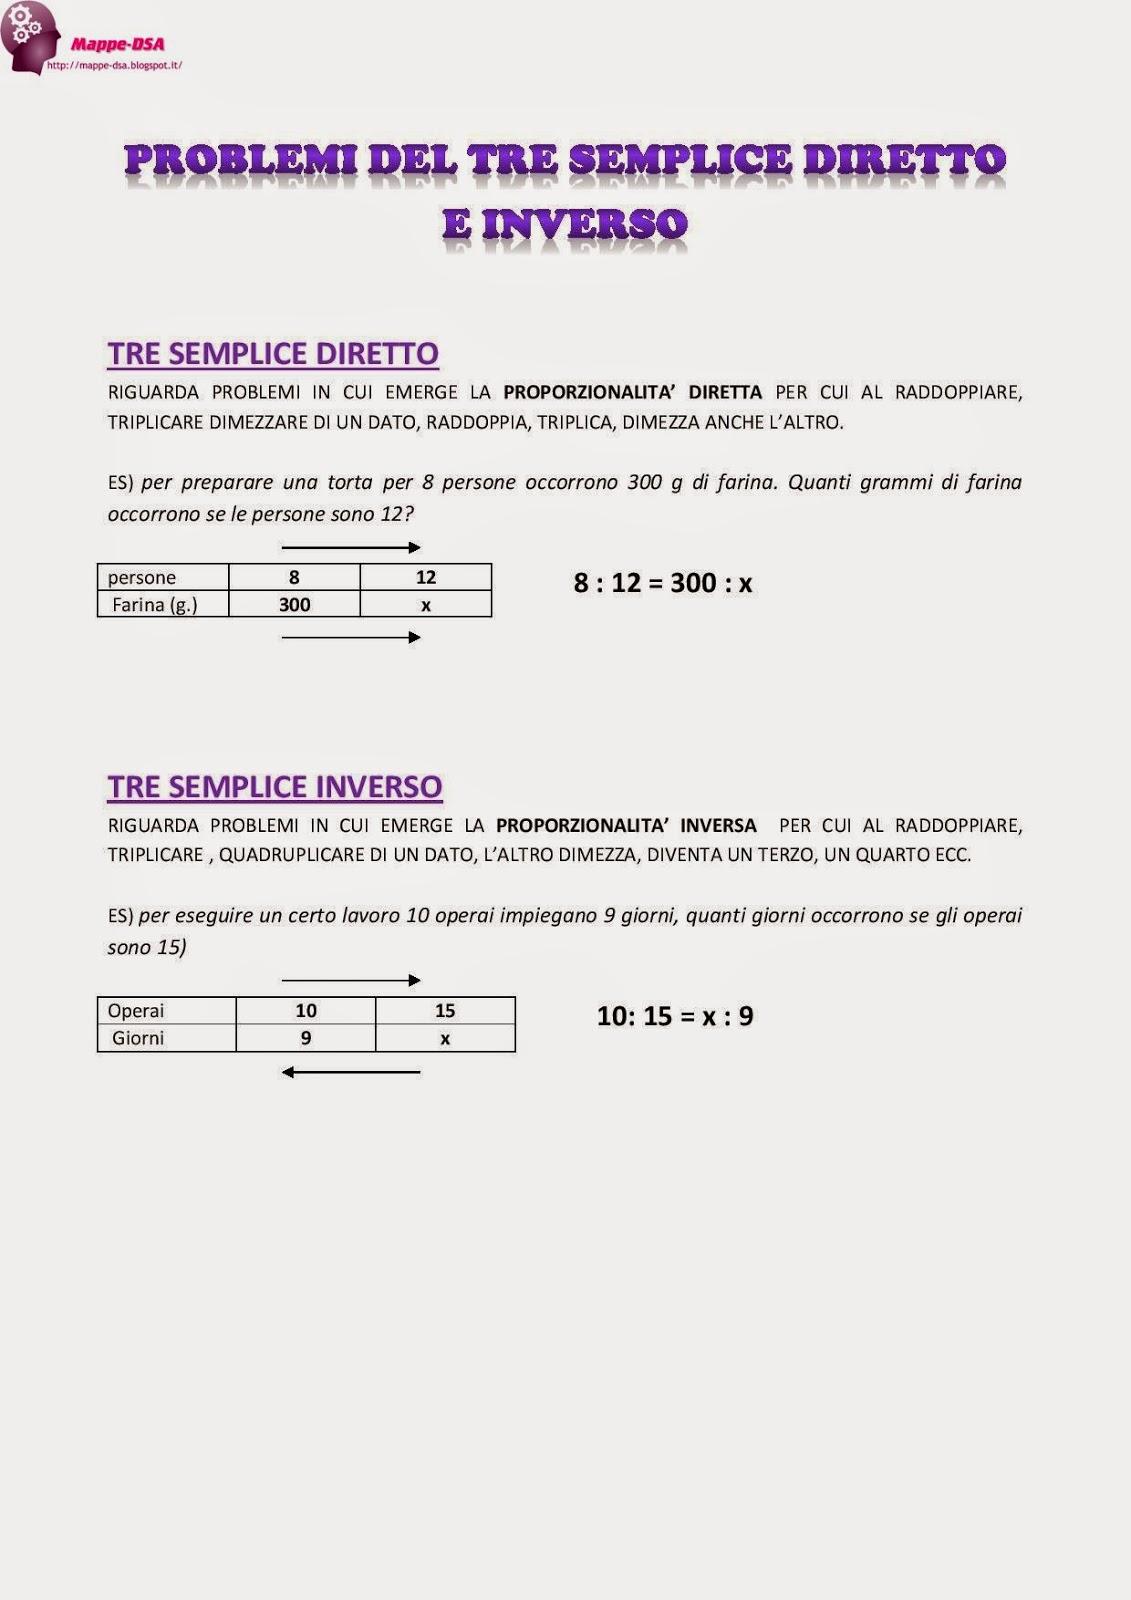 mappa dsa matematica problemi tre semplice diretto e inverso